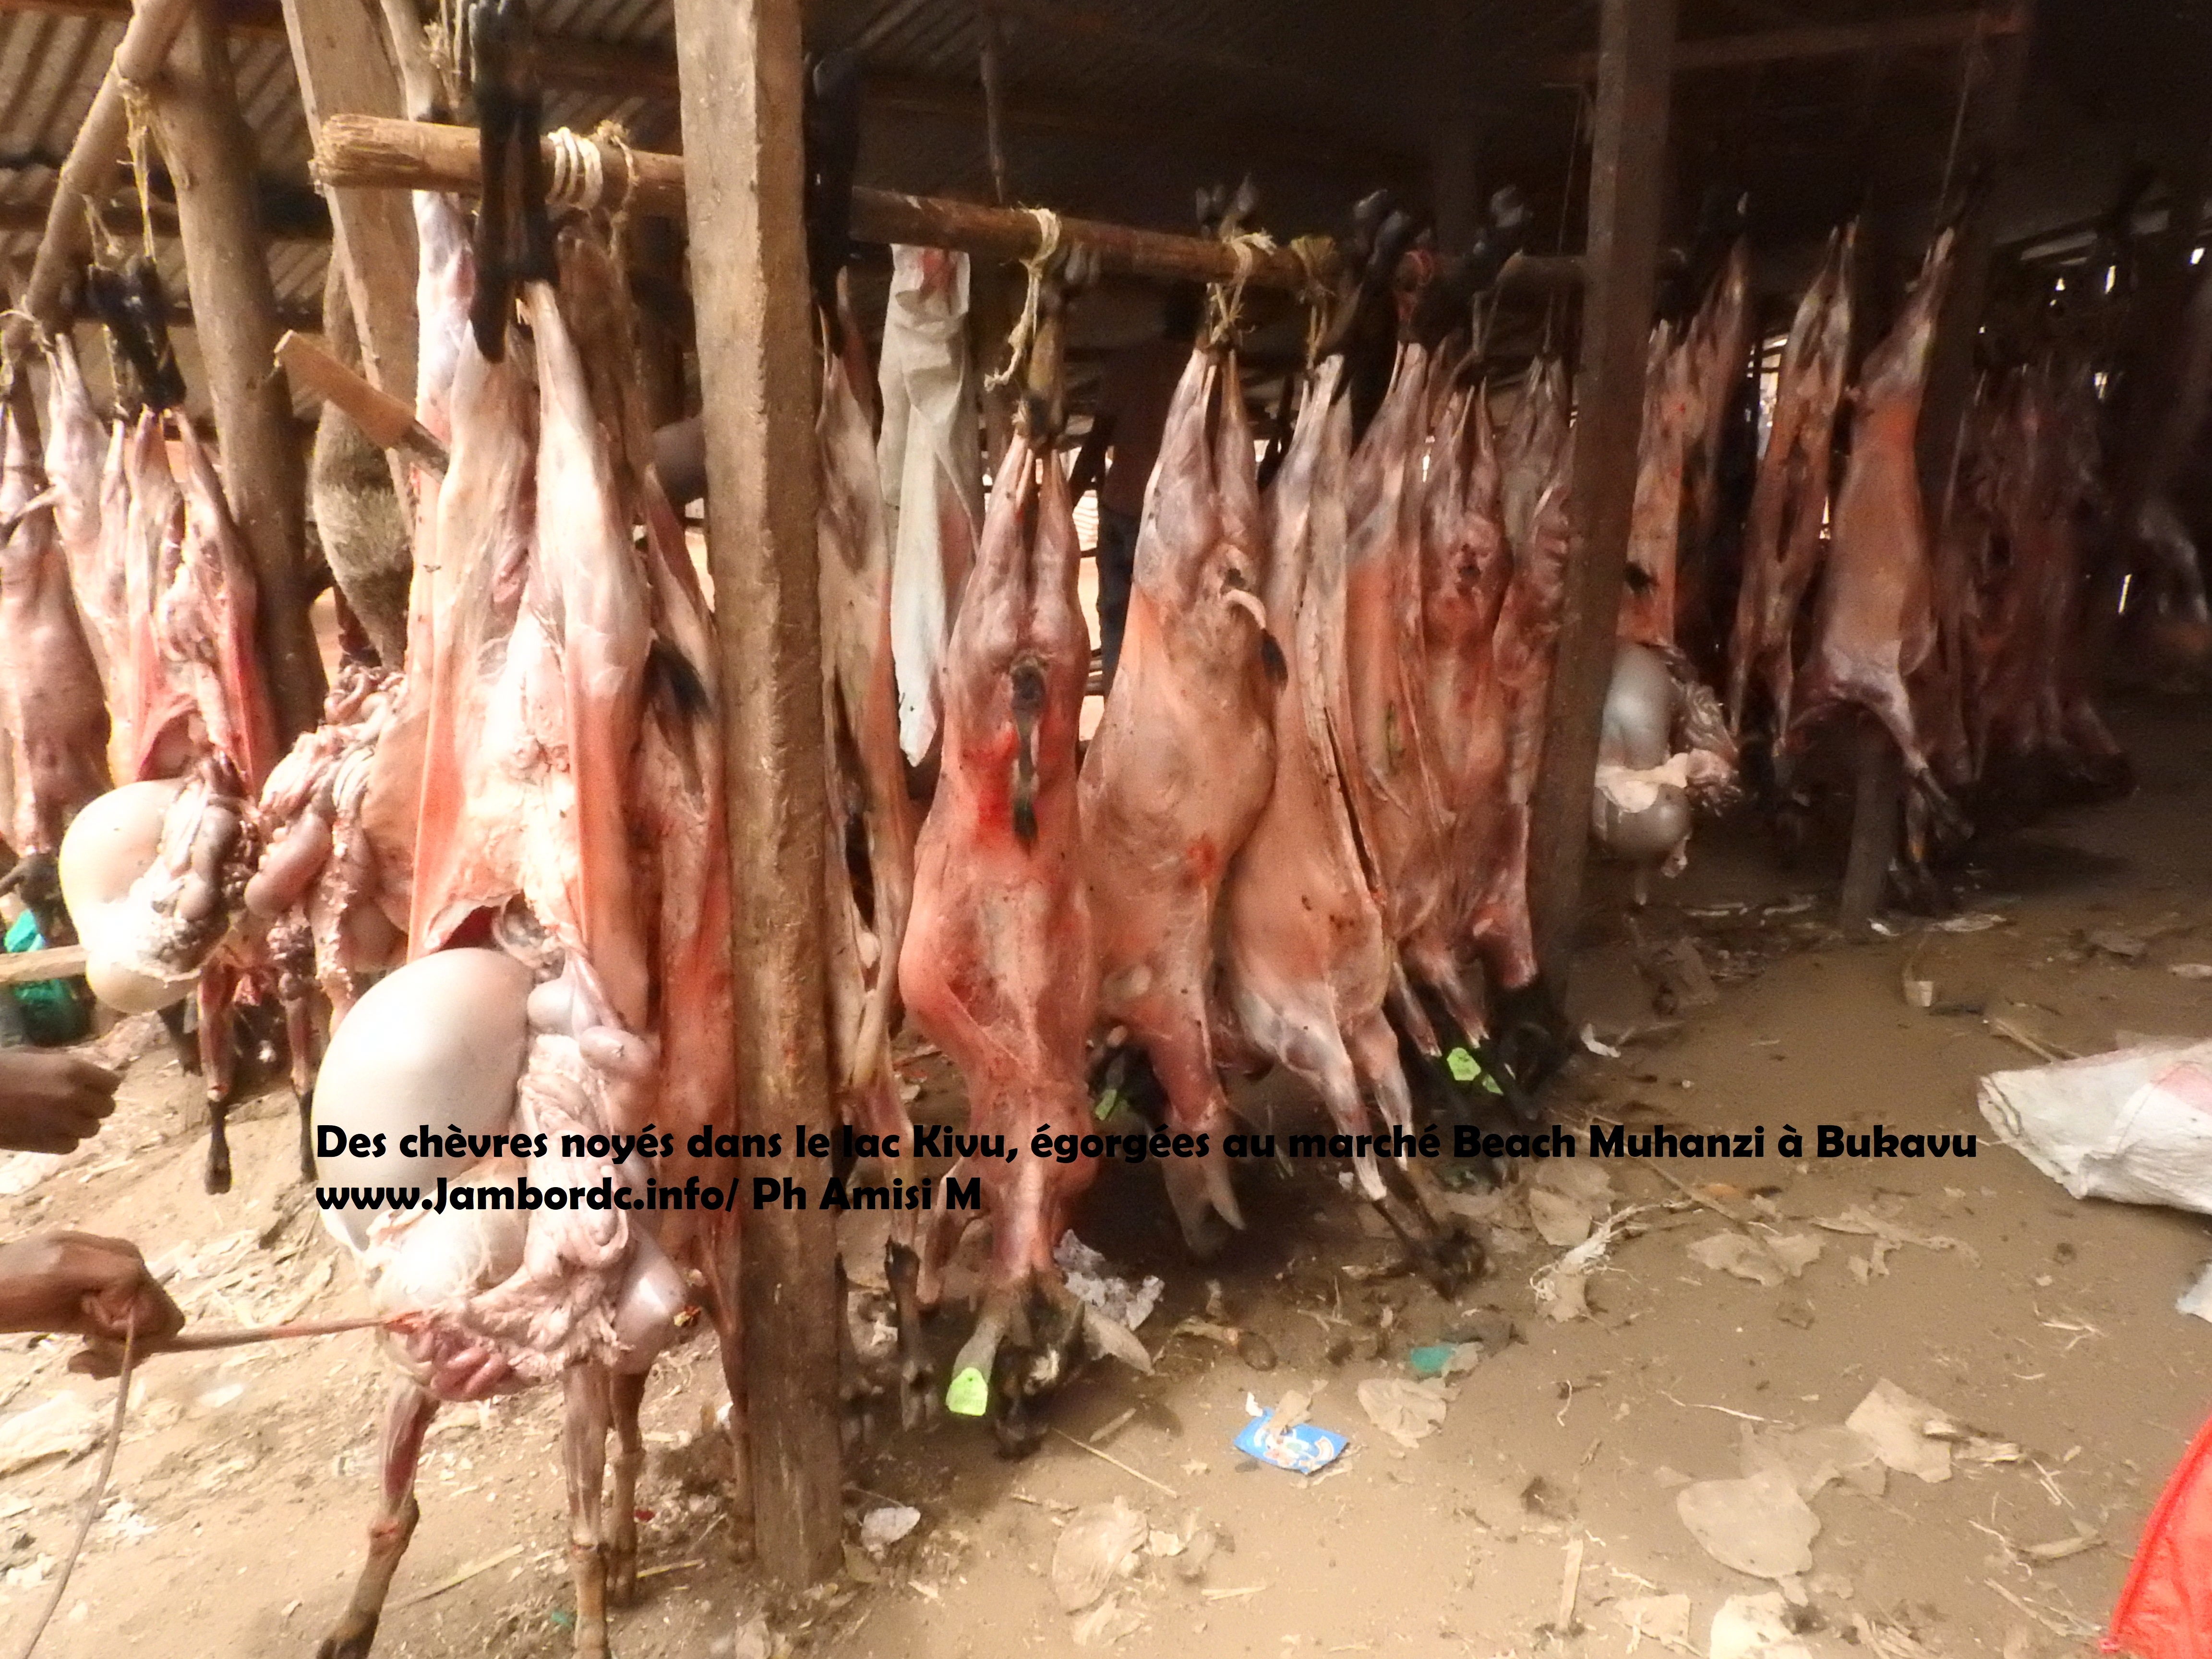 Bukavu : 110 chèvres et 9 porcs noyés et repêchés dans le lac Kivu